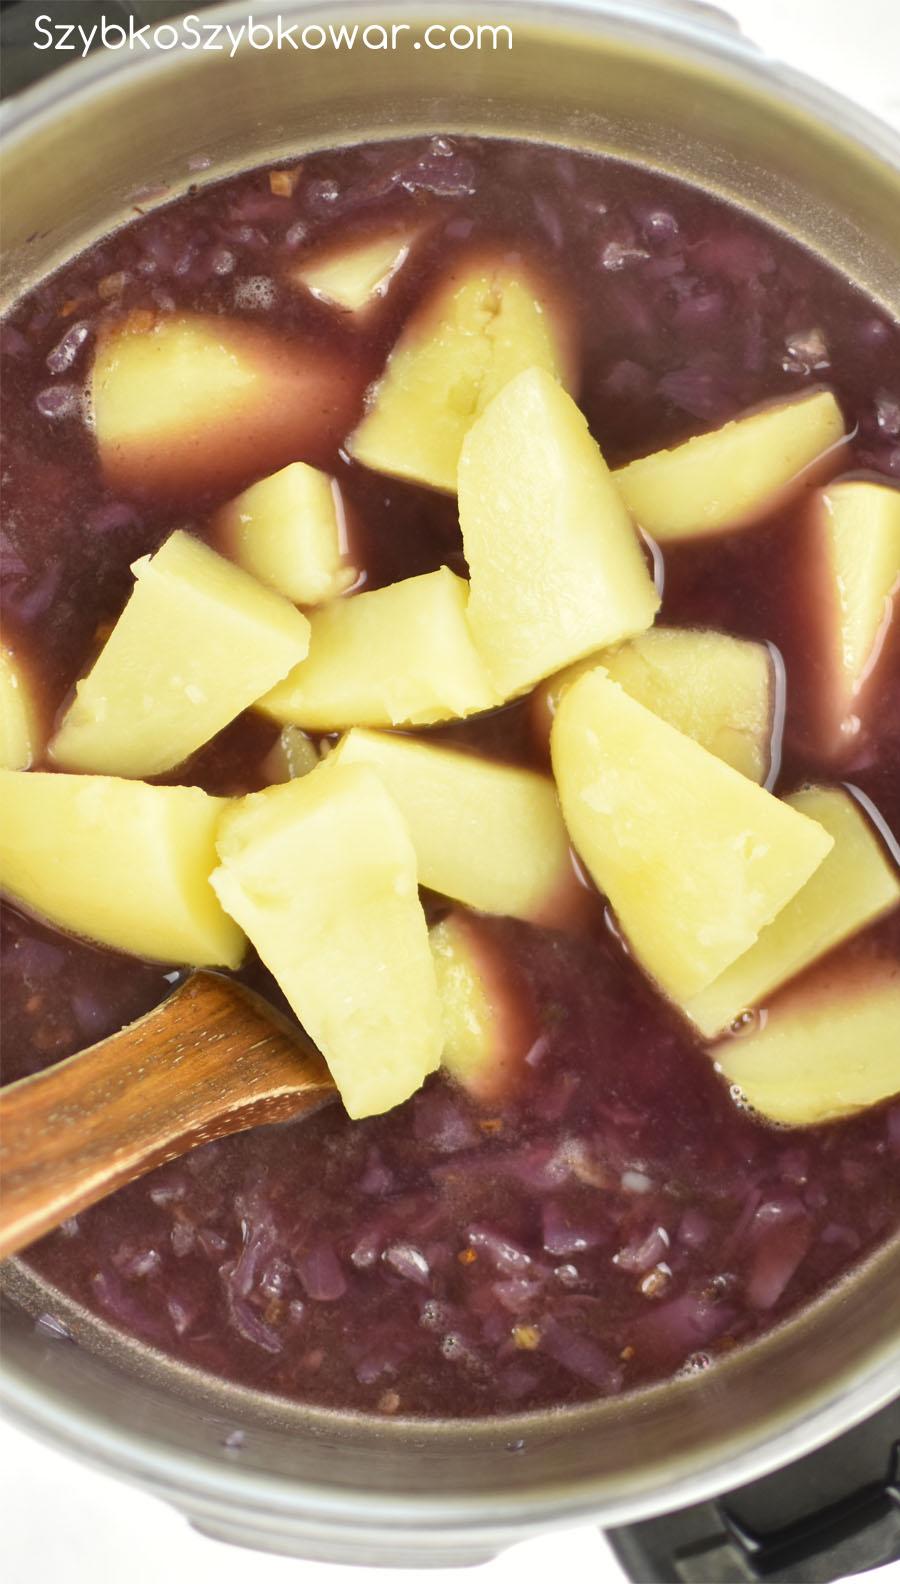 Na koniec dodaj ugotowane ziemniaki - pokrojone w kostkę lub ćwiartki (ja dałam takie i takie). Całość wymieszaj.